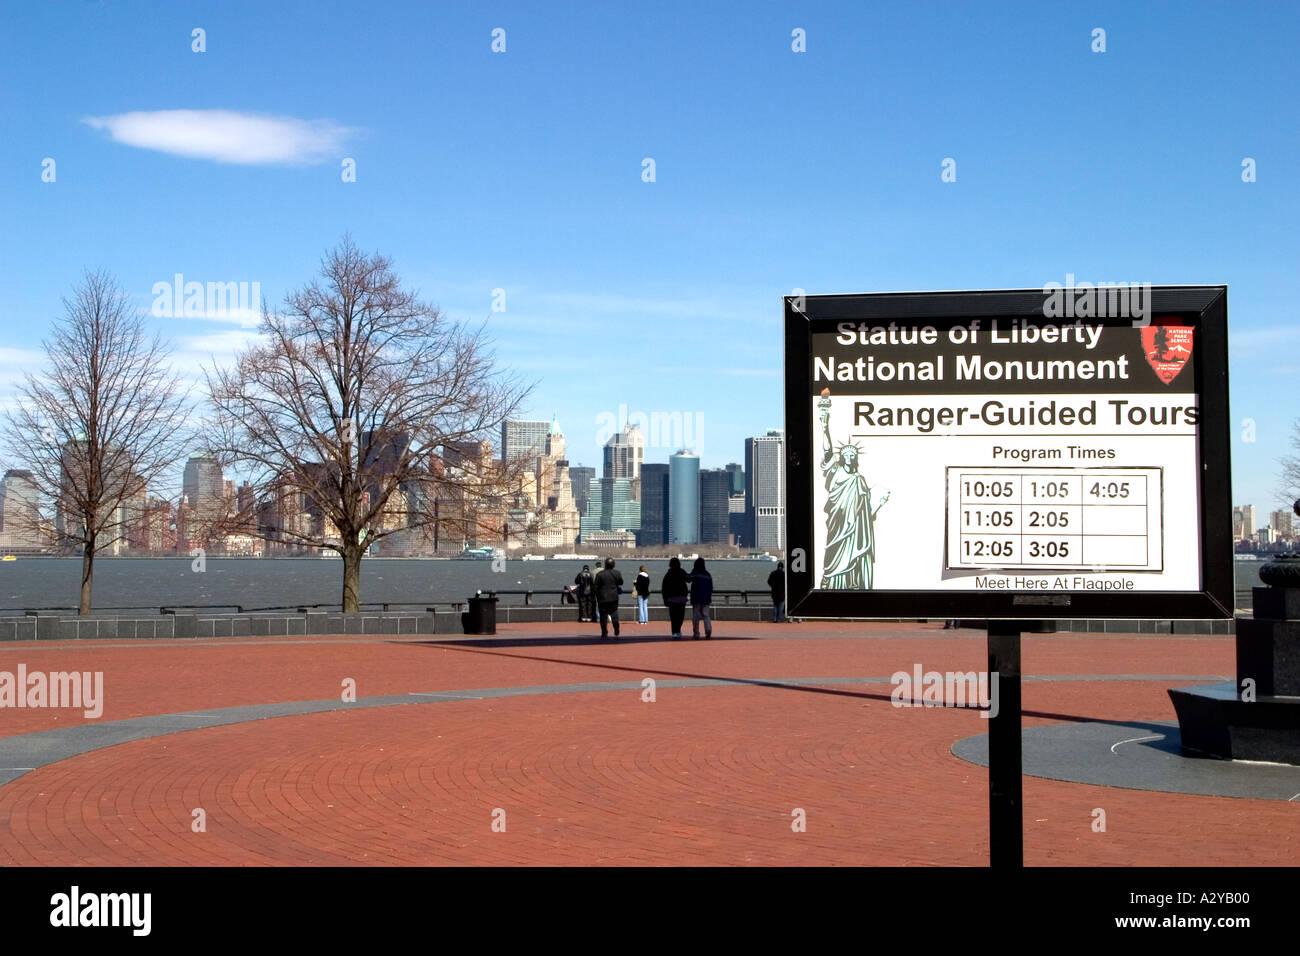 Freiheitsstatue Liberty National Monument Ranger geführte Spaziergänge Zeichen und Meeting Place Liberty Island New York Stockbild